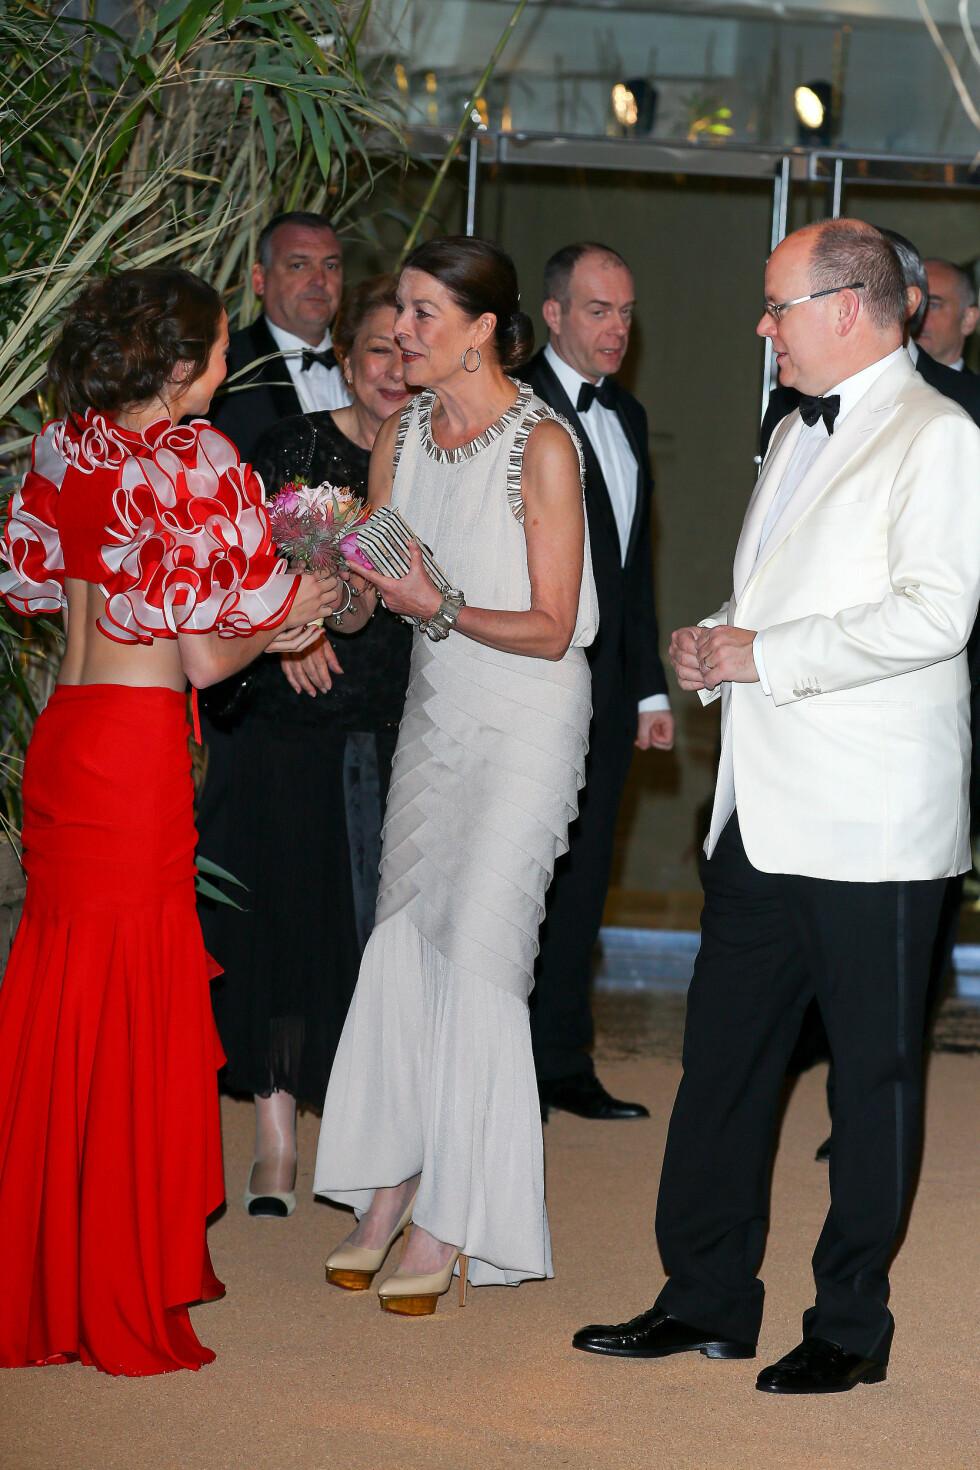 KUBANSKE RYTMER: Tema for kvelden var Cuba, og på menyen sto blant annet eksotiske rytmer. Her hilser prinsesse Caroline og fyrst Albert på en av danserne som sto for underholdningen. Foto: NTB Scanpix